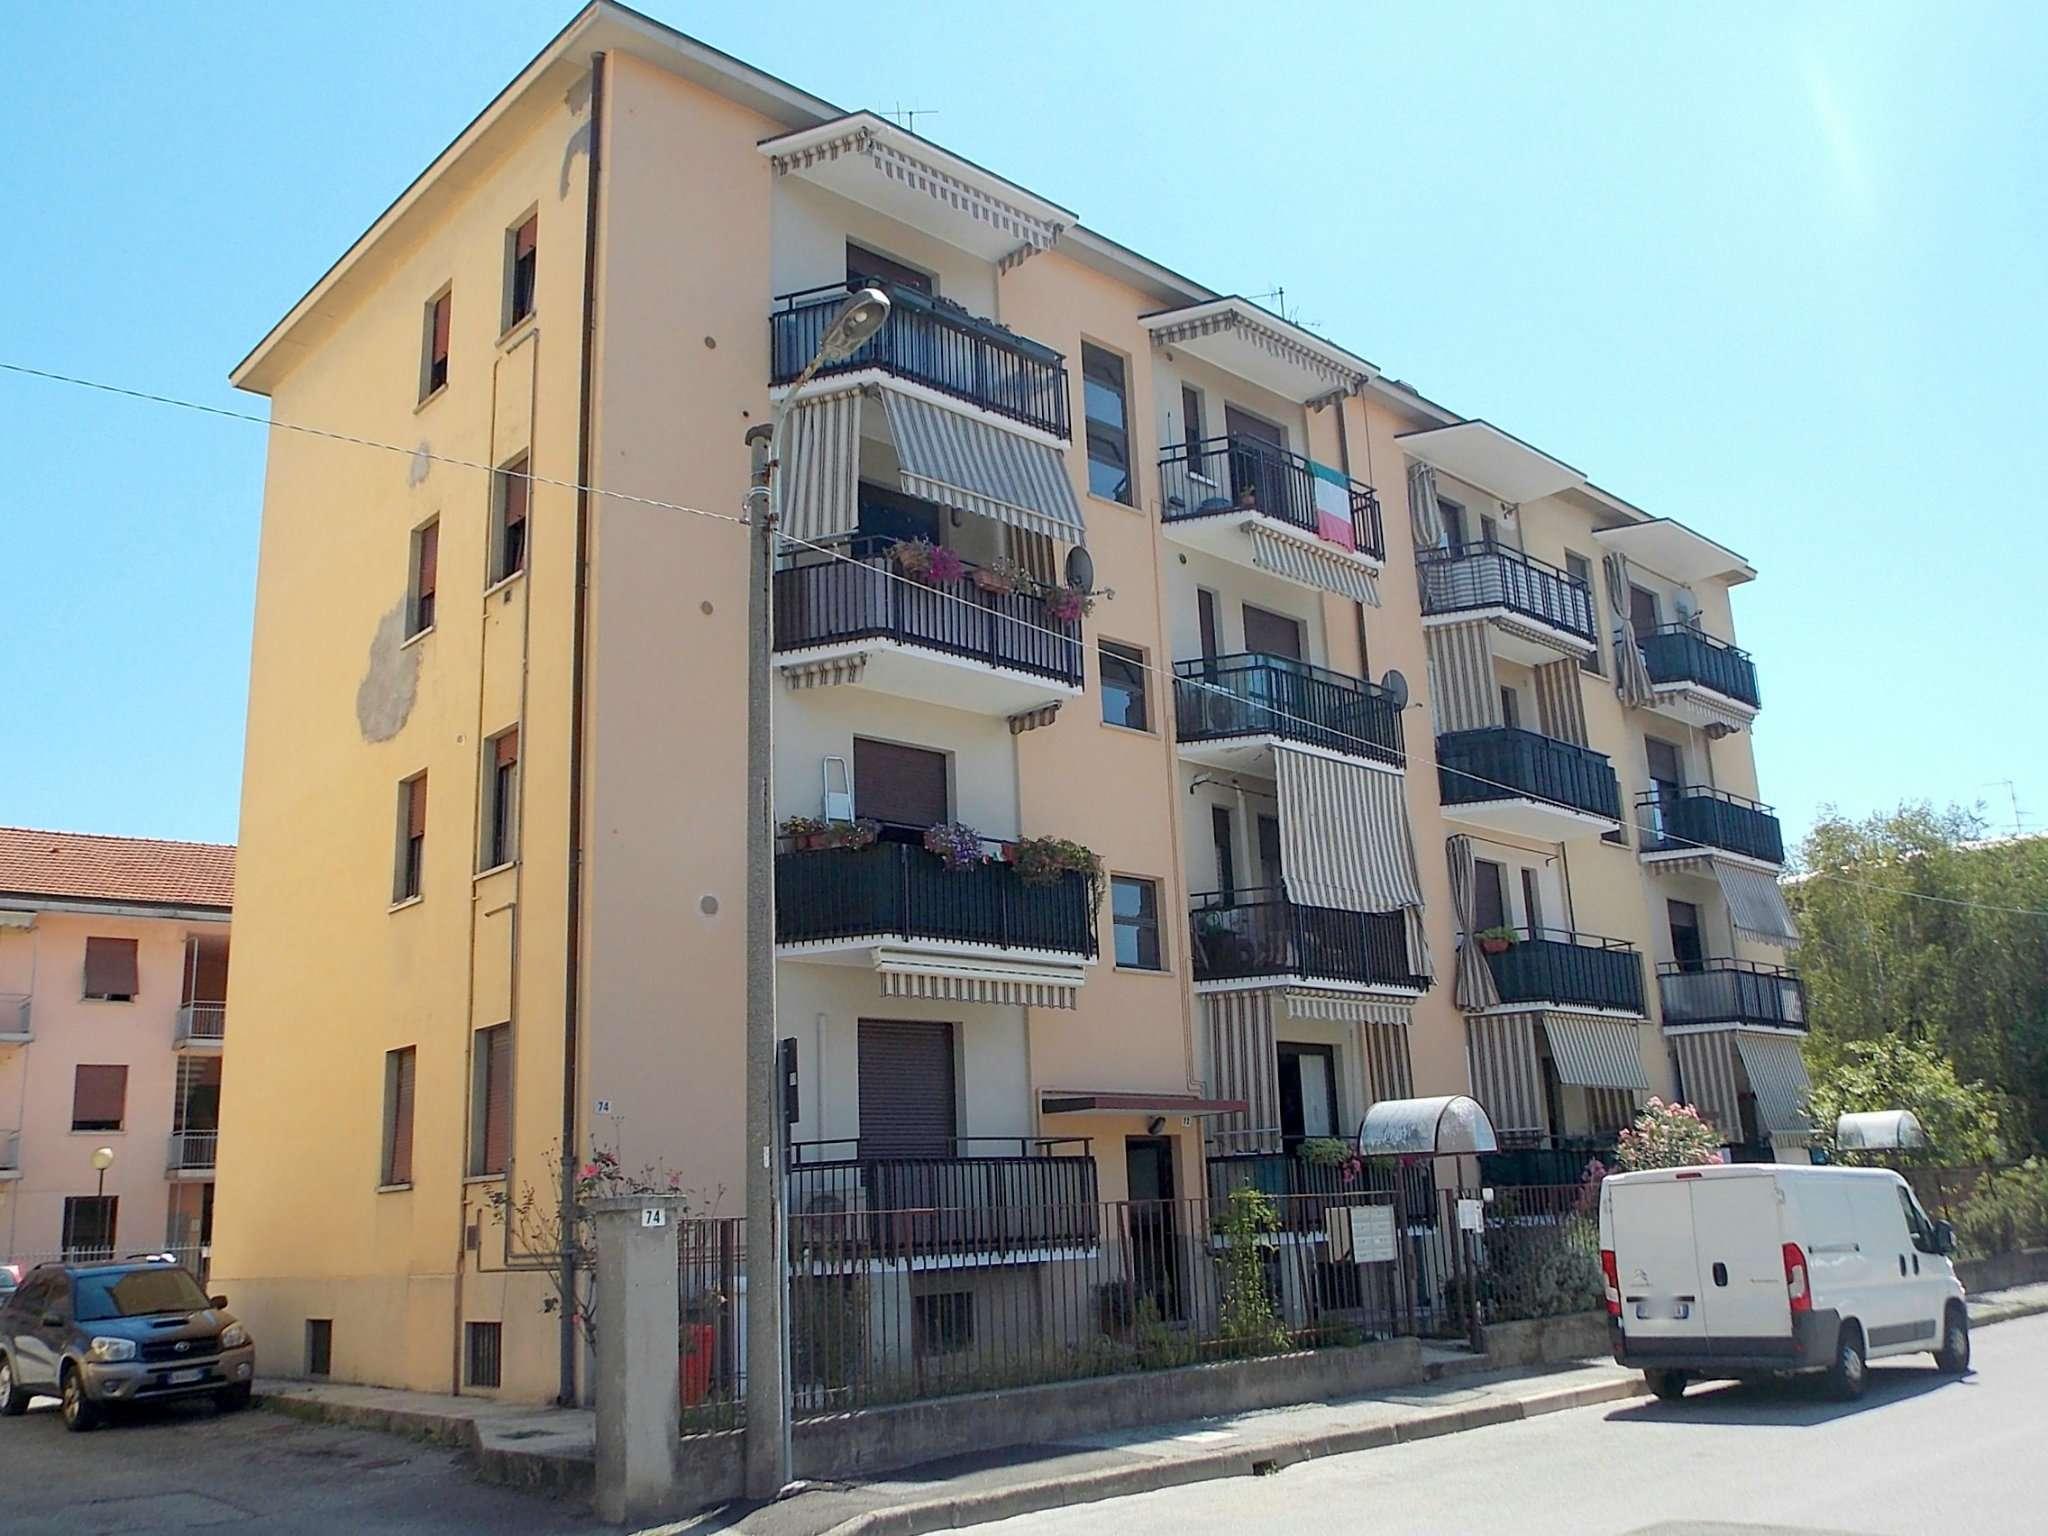 Appartamento in vendita a Lissone, 3 locali, prezzo € 109.000 | CambioCasa.it